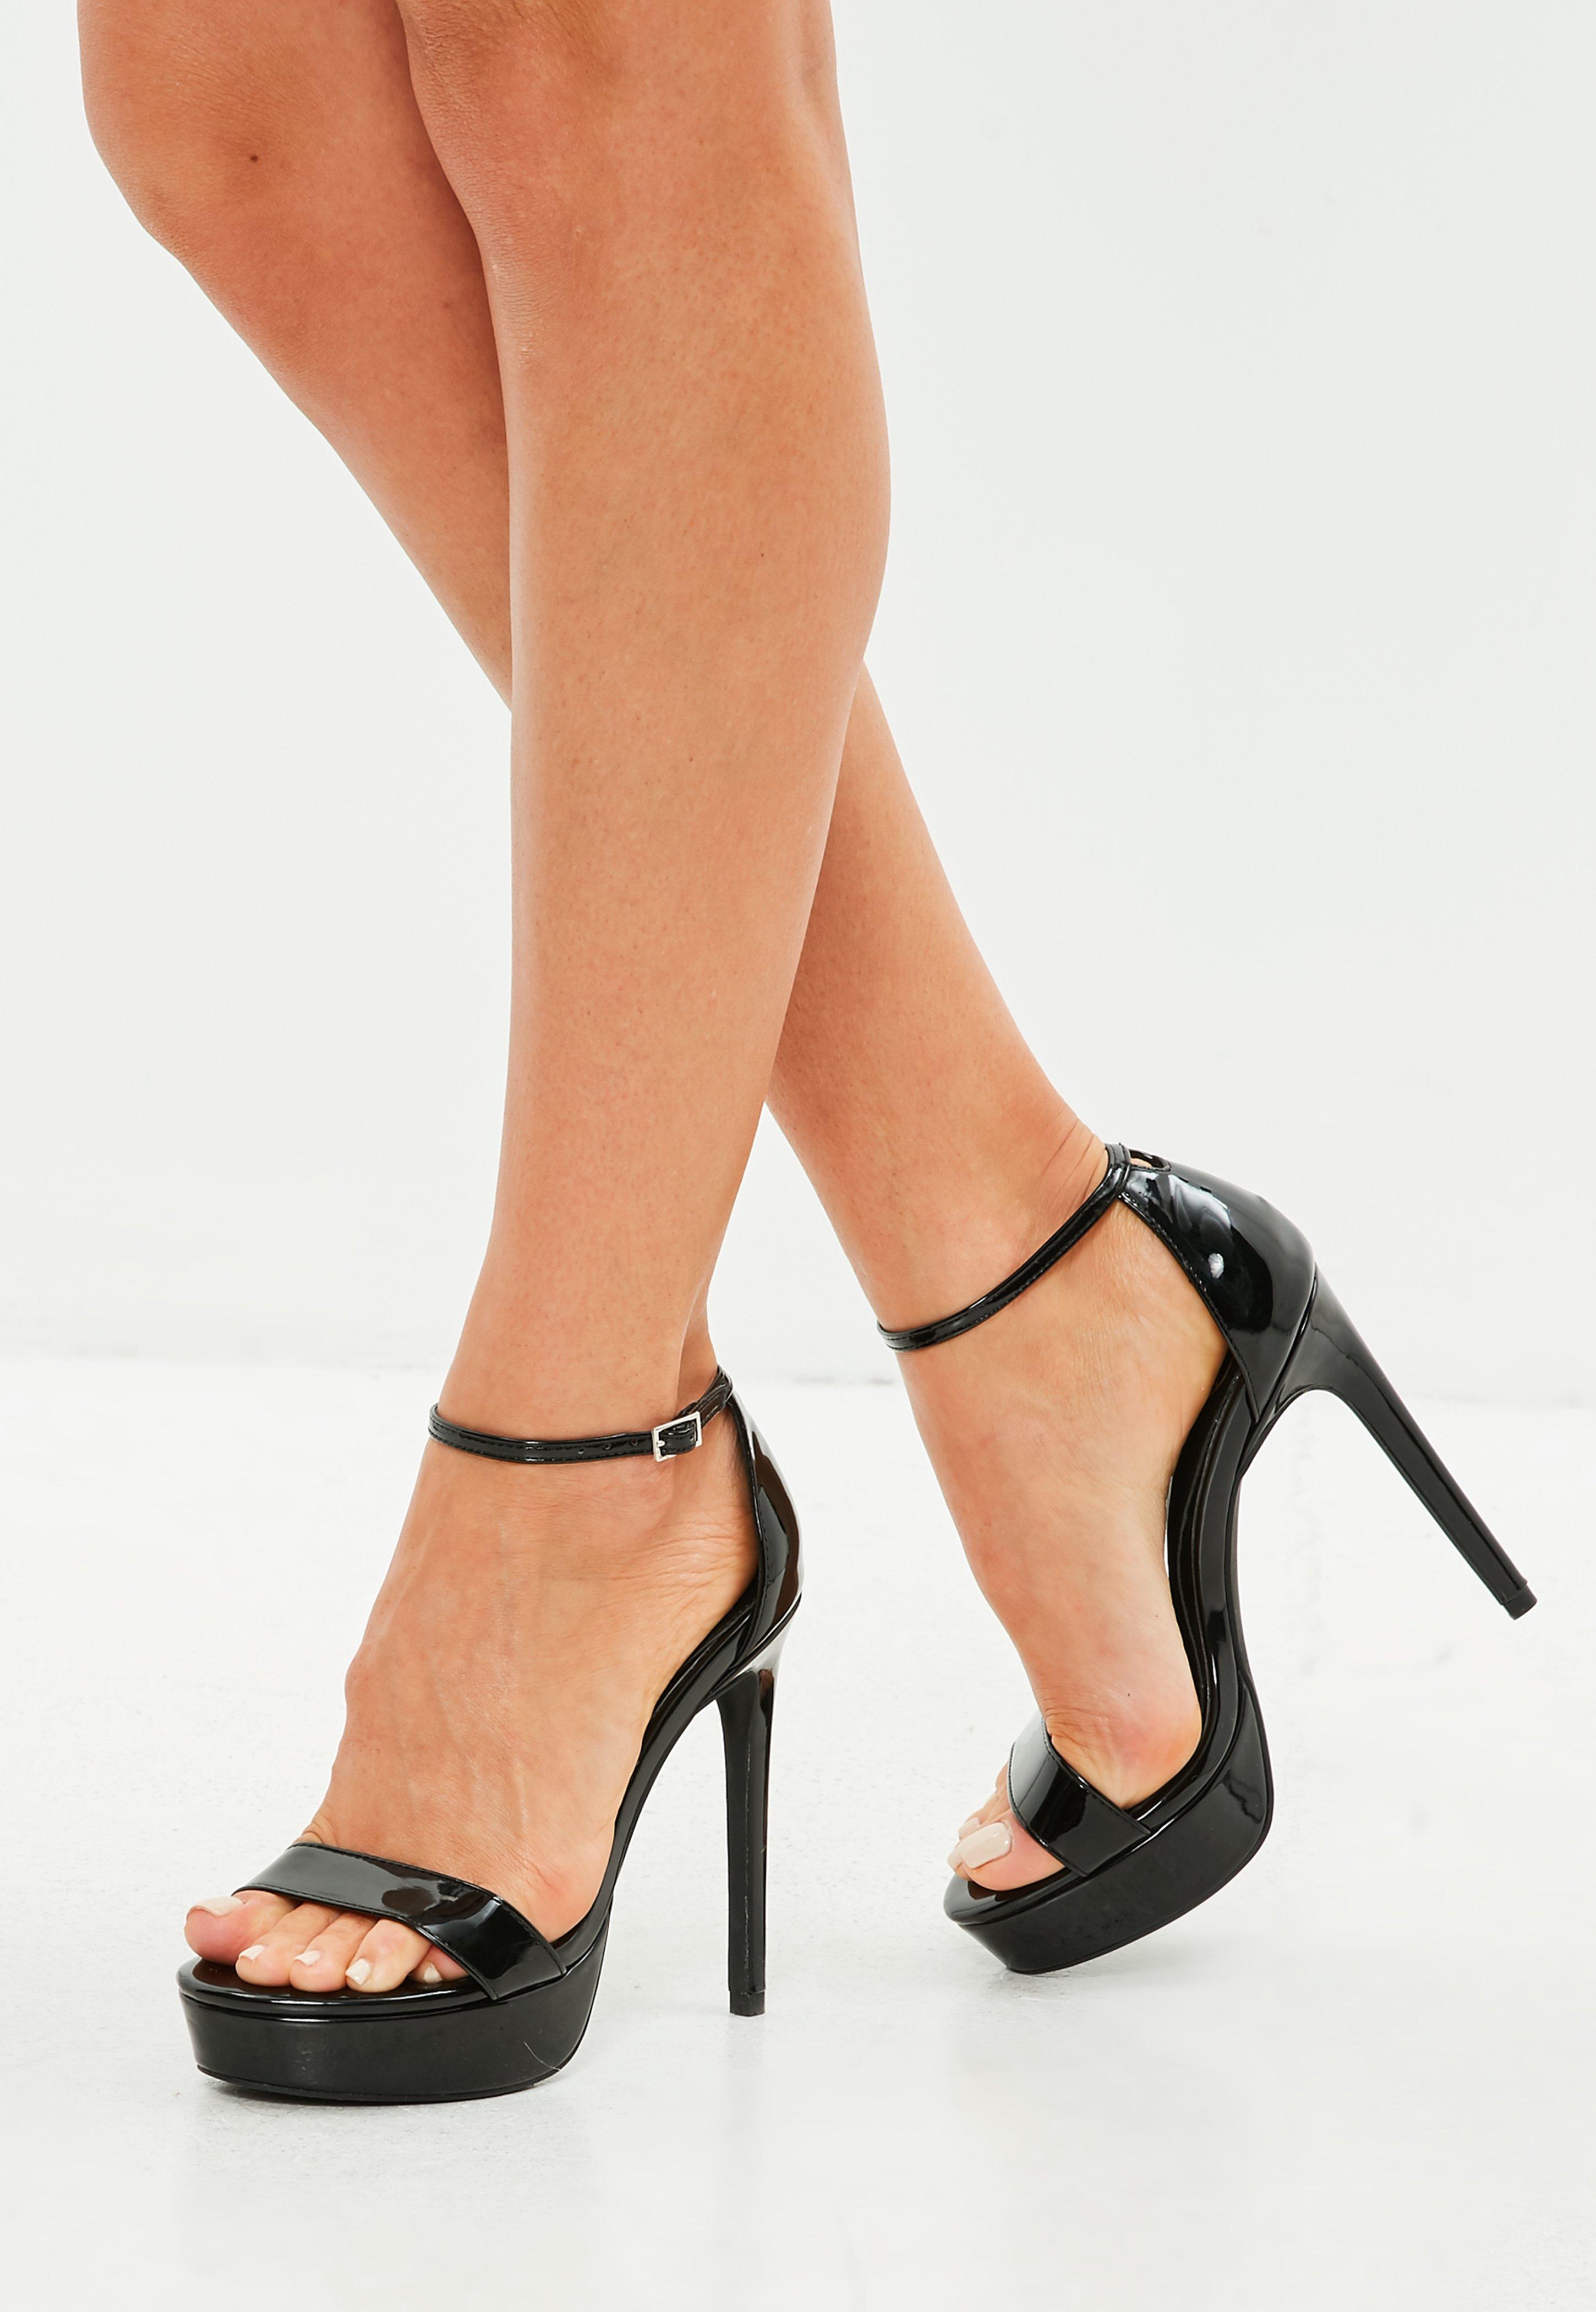 High Heels - Shop Women's Stilettos Online | Missguided